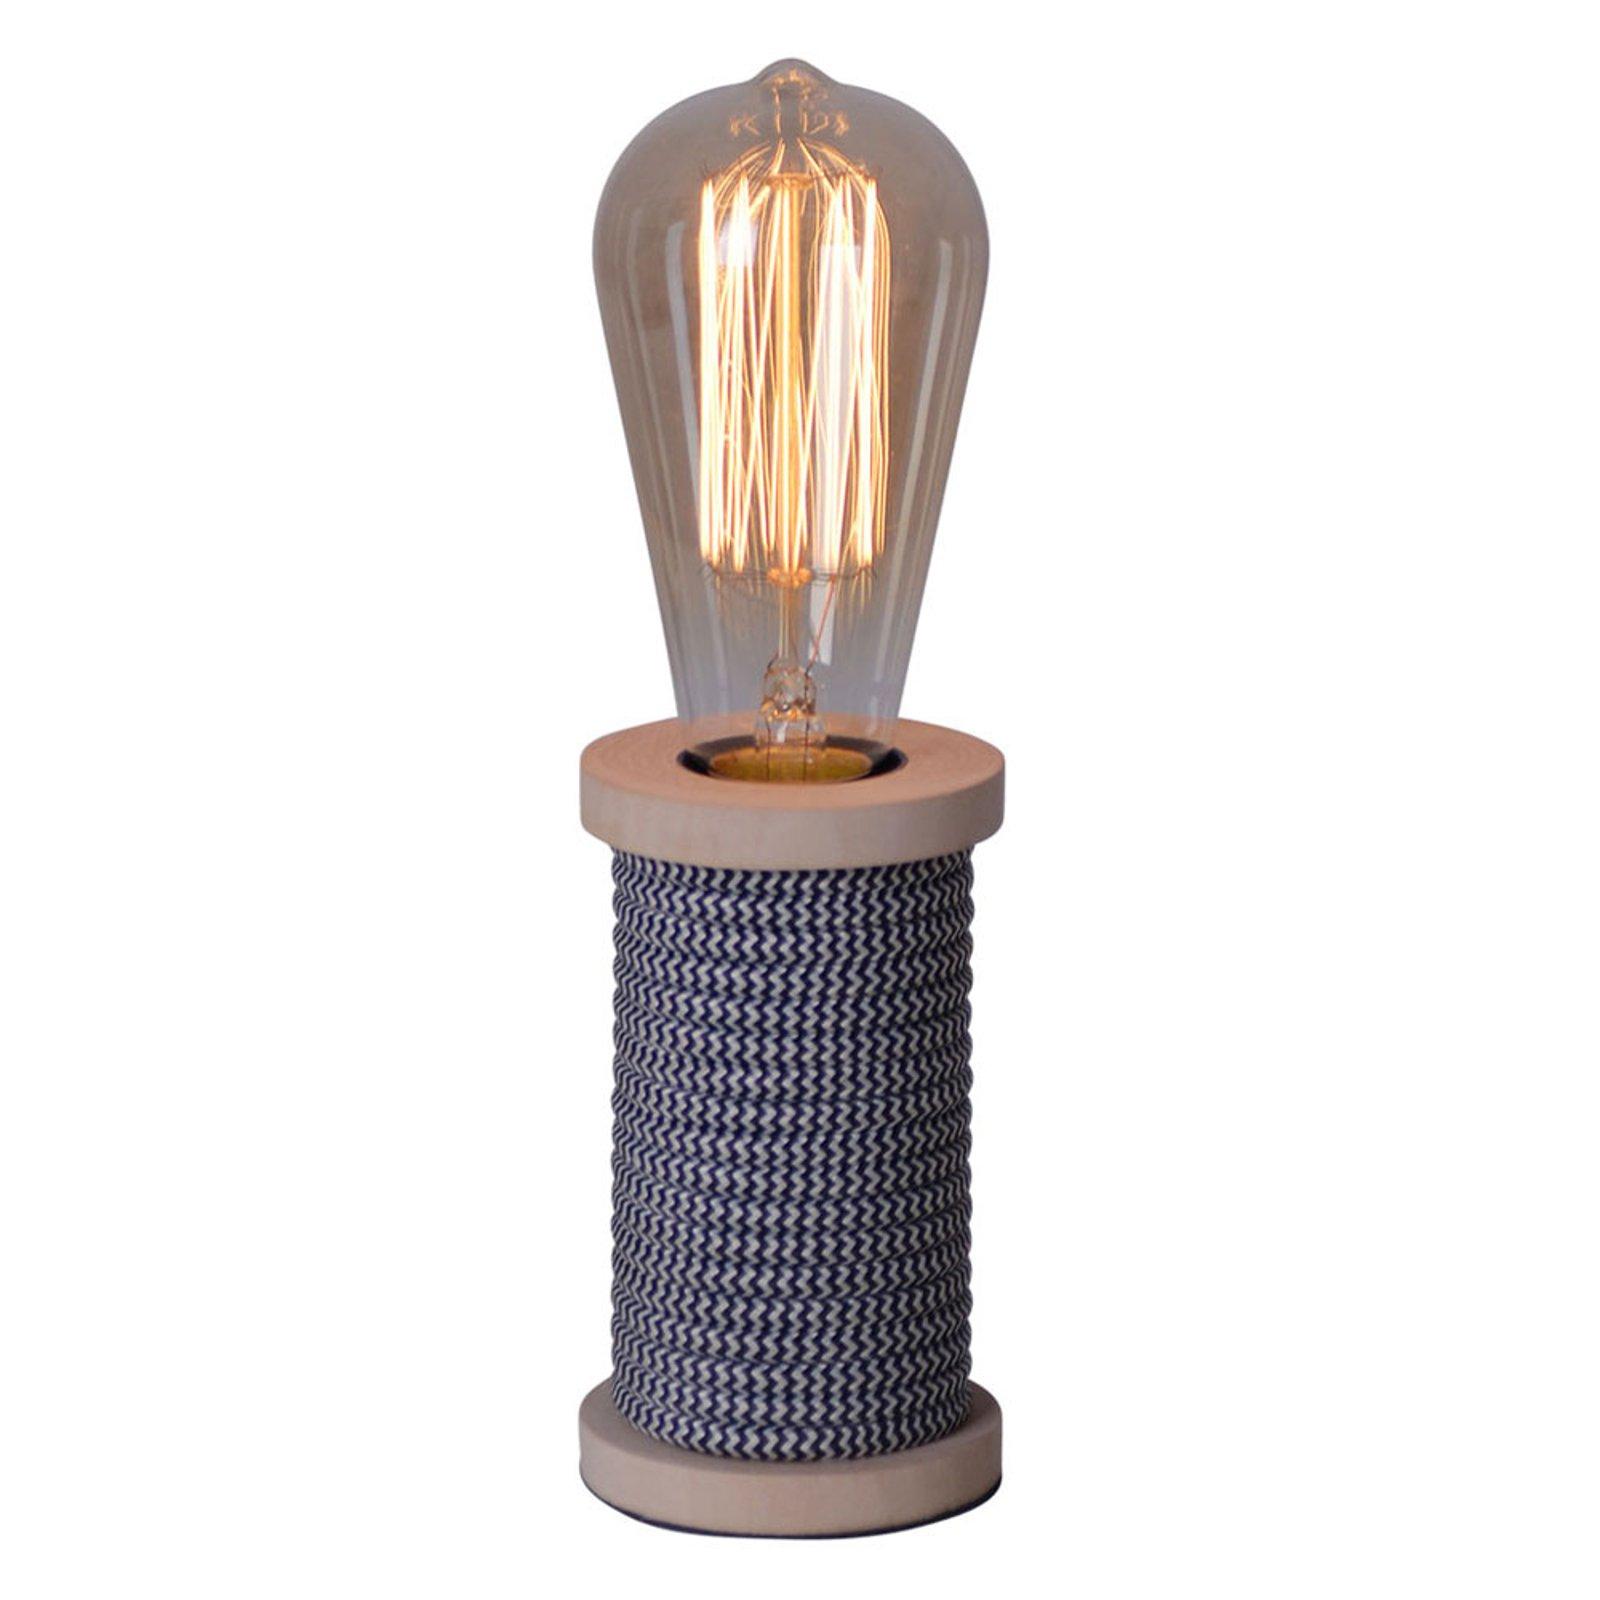 Bordlampe Max med fot i tre antrasitt